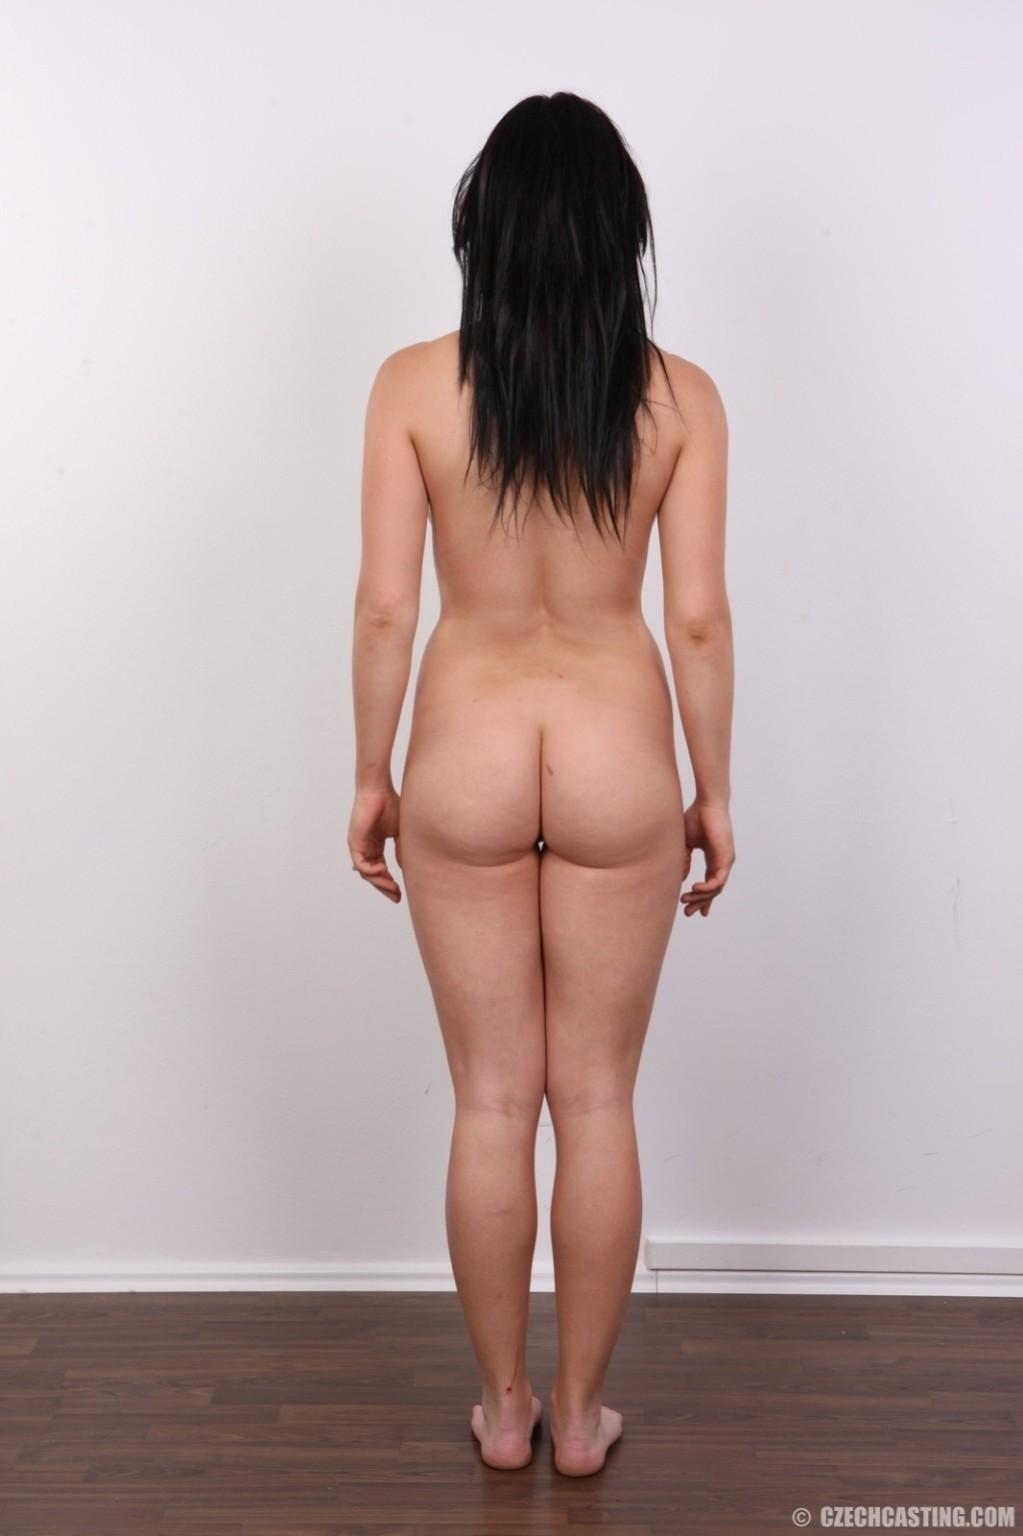 Женщина с темными волосами хвастается гладко выбритой промежностью